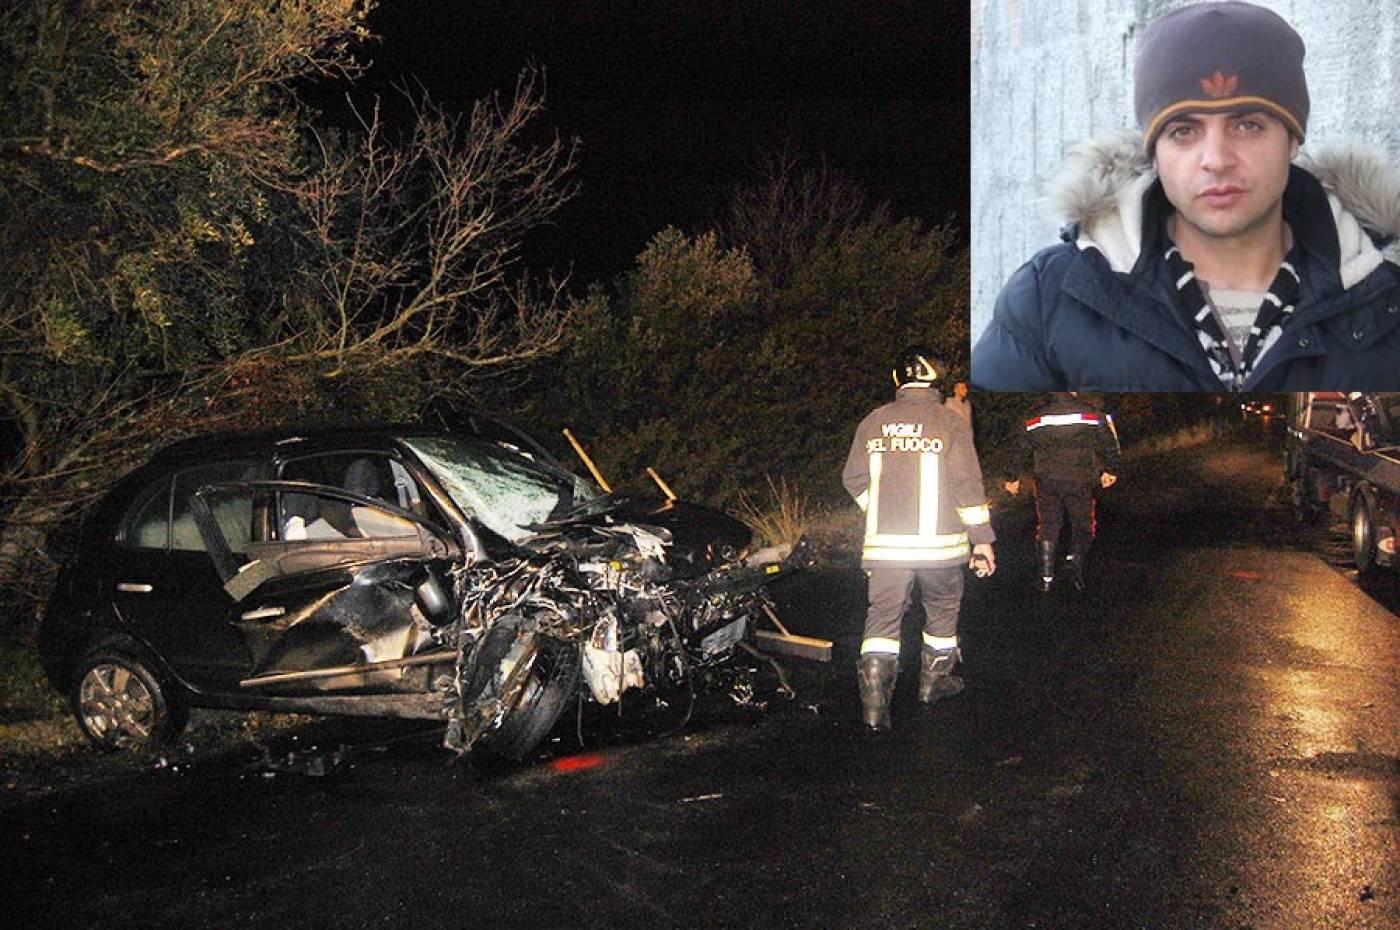 Incidenti, schianto nel Cosentino: muore un 42enne, grave 19enne